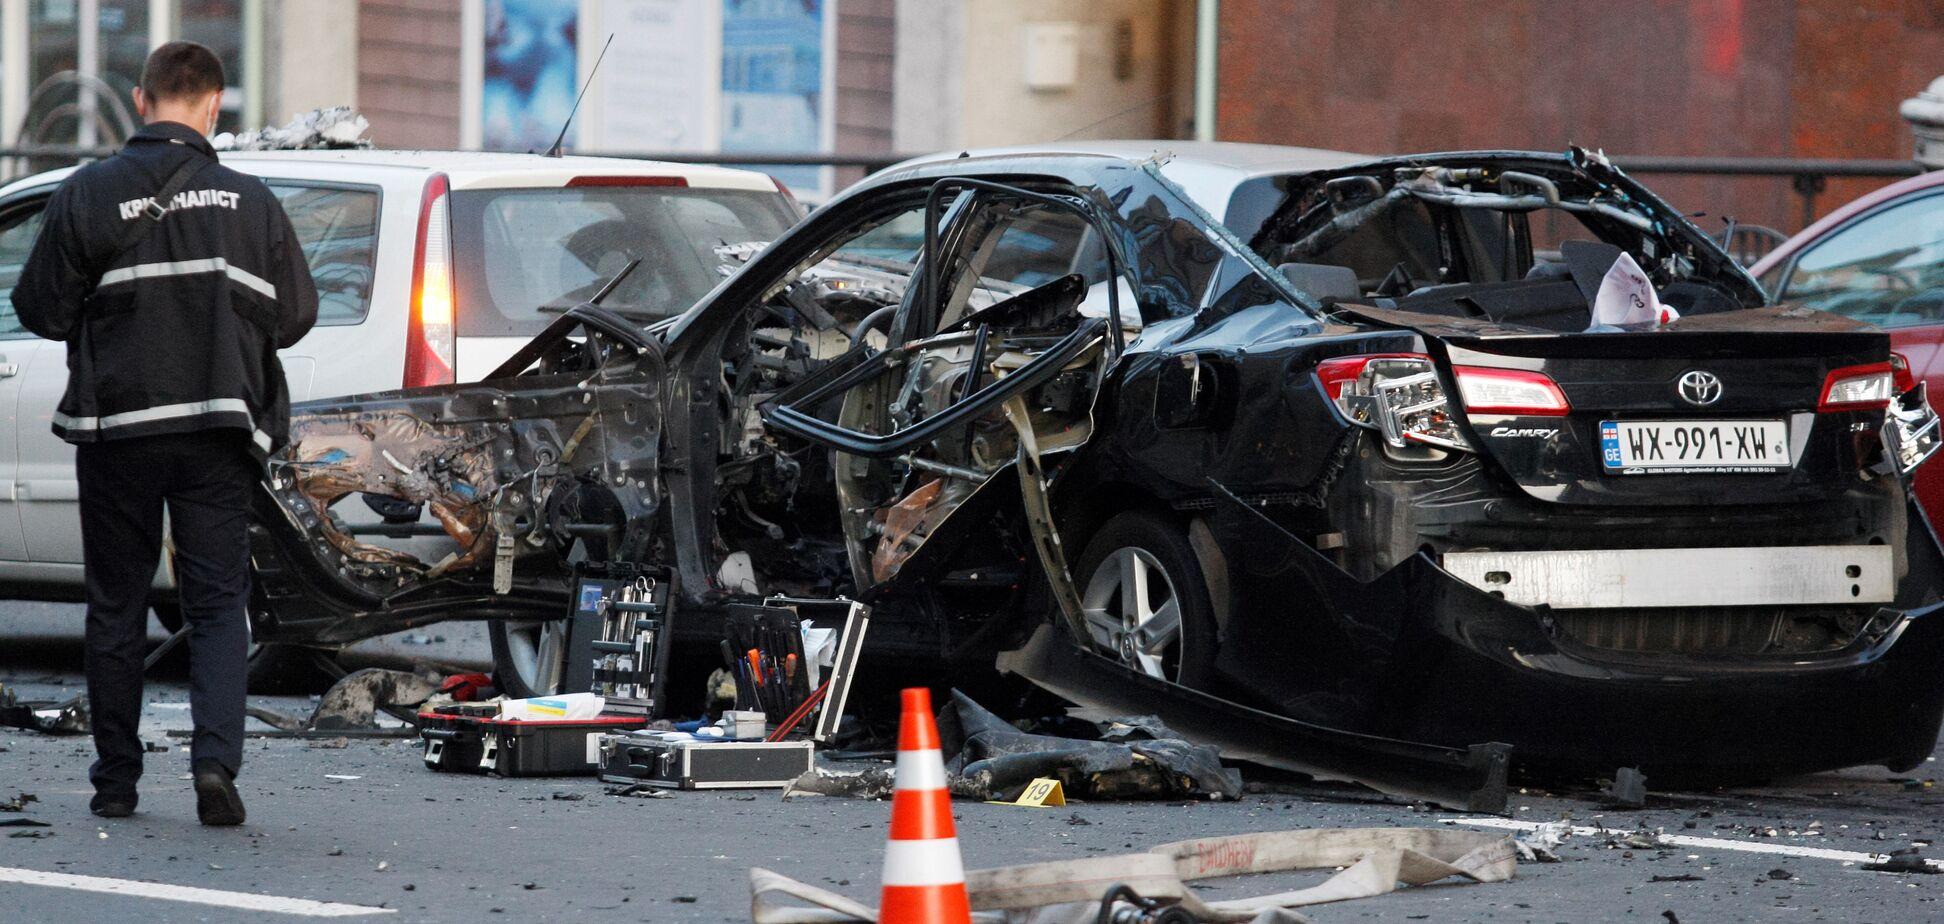 Потужний вибух у центрі Києва: стало відомо про стан постраждалої жінки